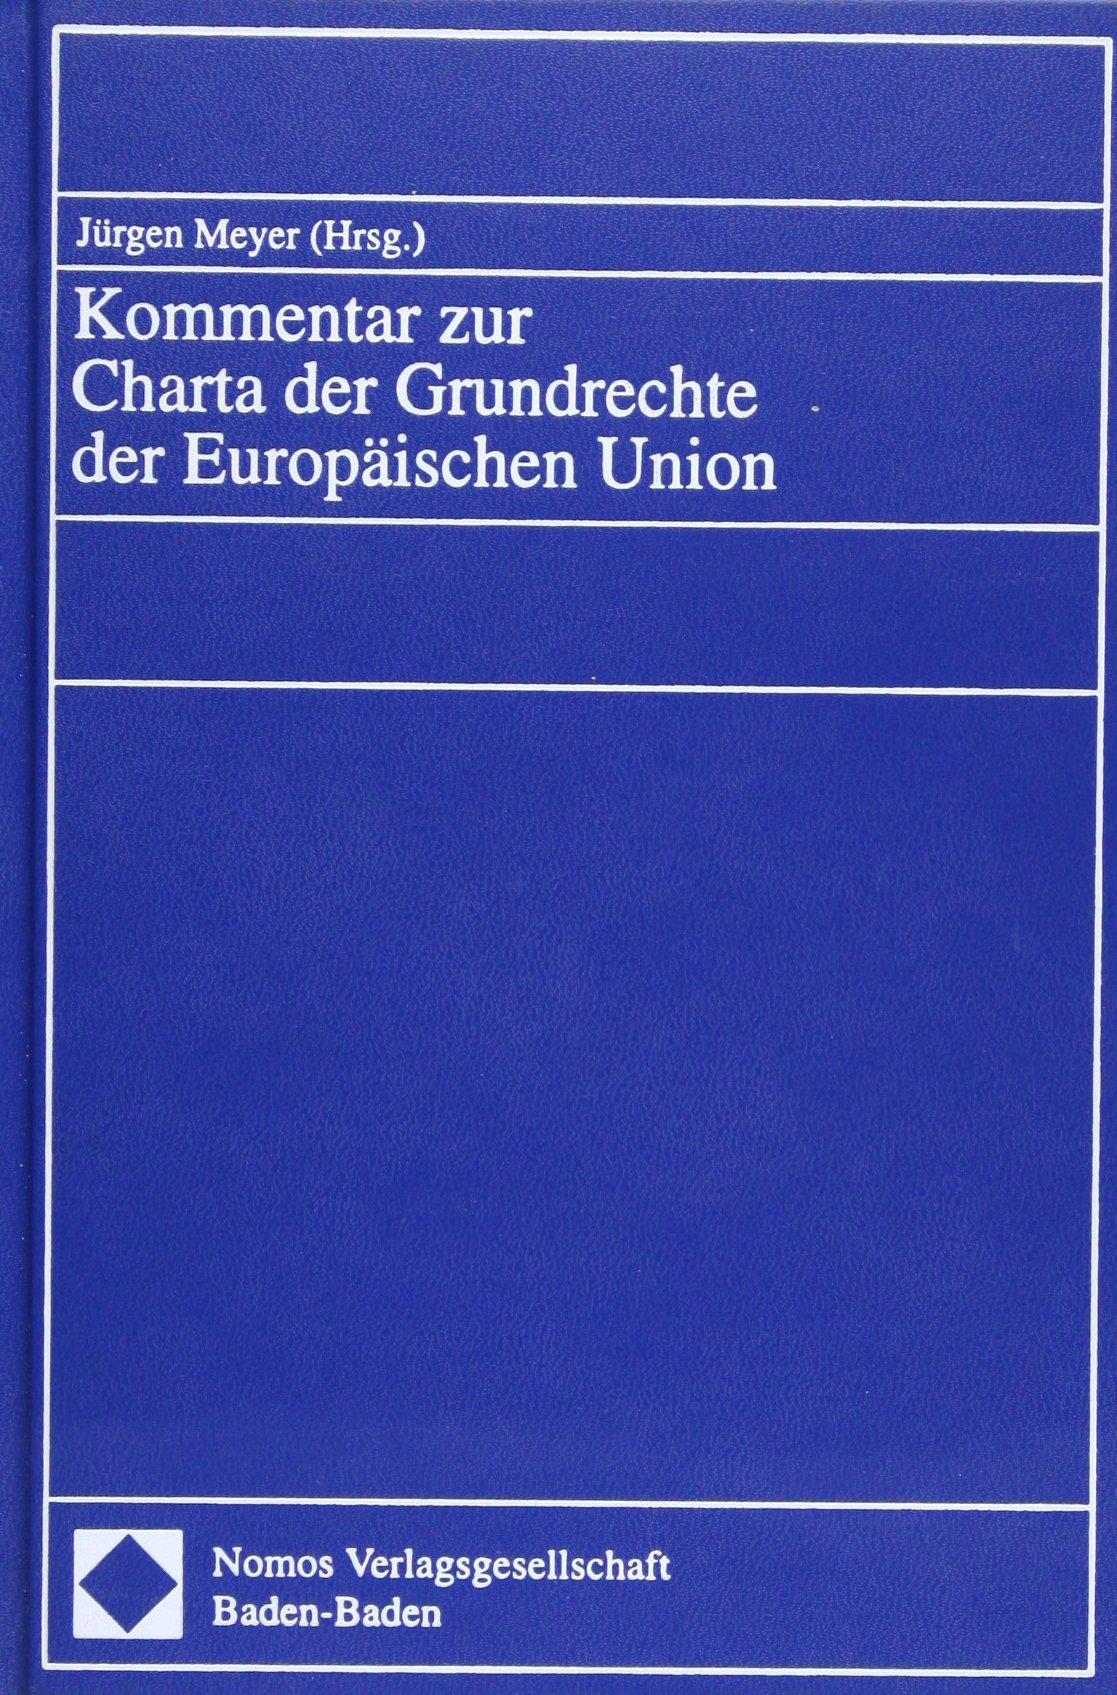 Kommentar zur Charta der Grundrechte der Europäischen Union